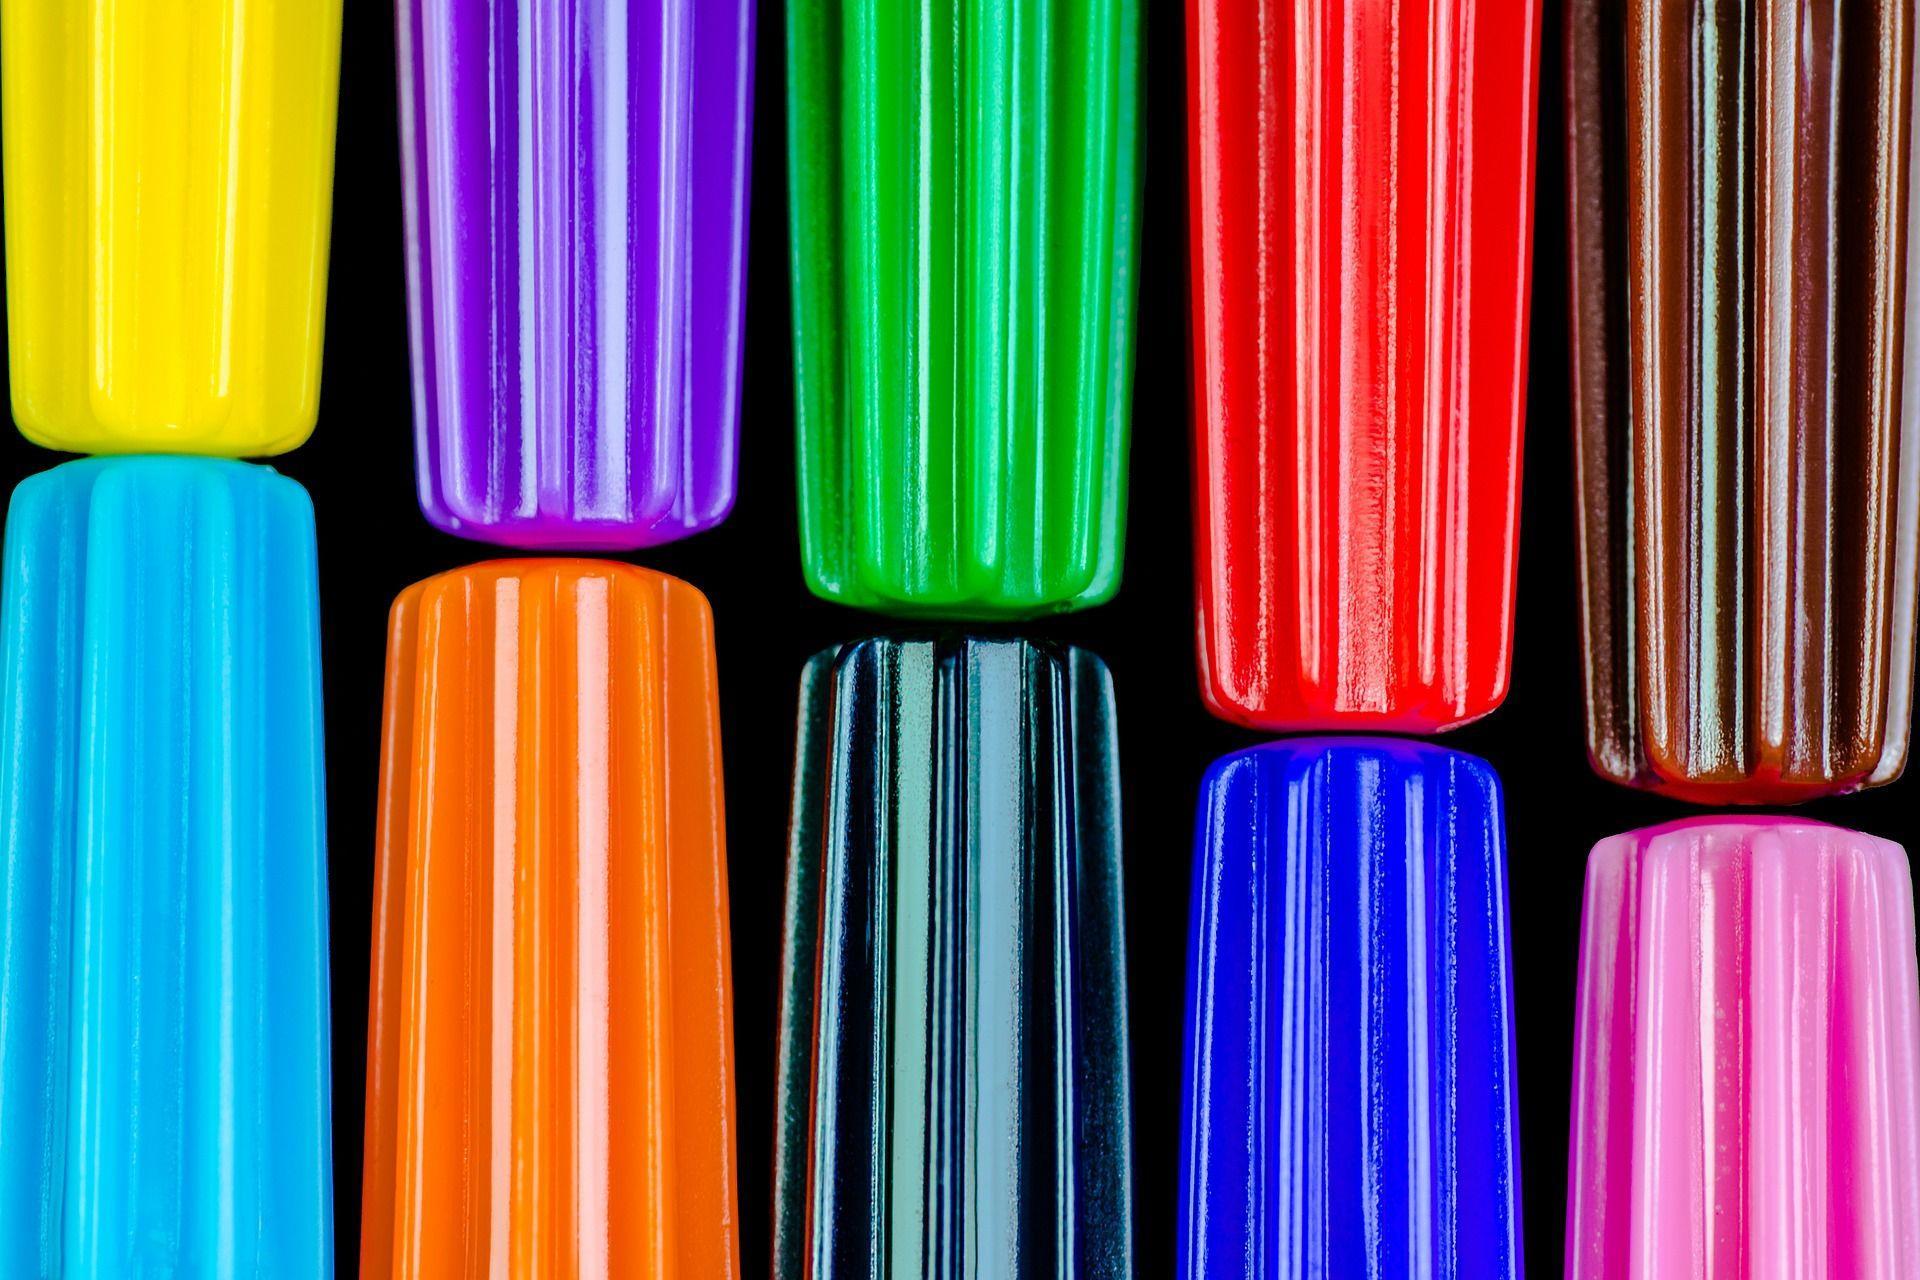 feutres-de-couleurs_bouchons